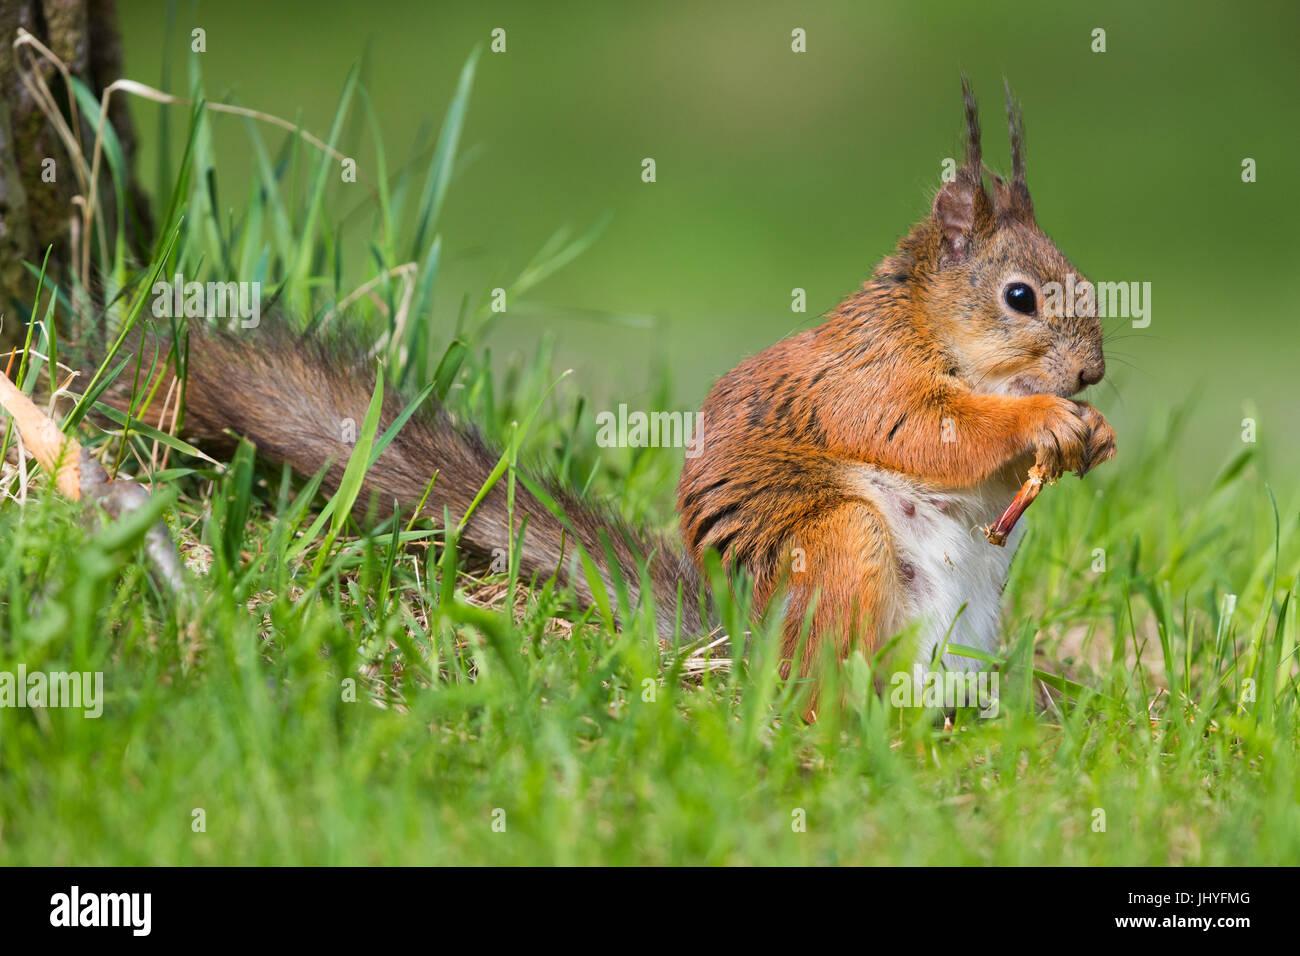 Red scoiattolo (Sciurus vulgaris), Adulto alimentazione femmina Immagini Stock